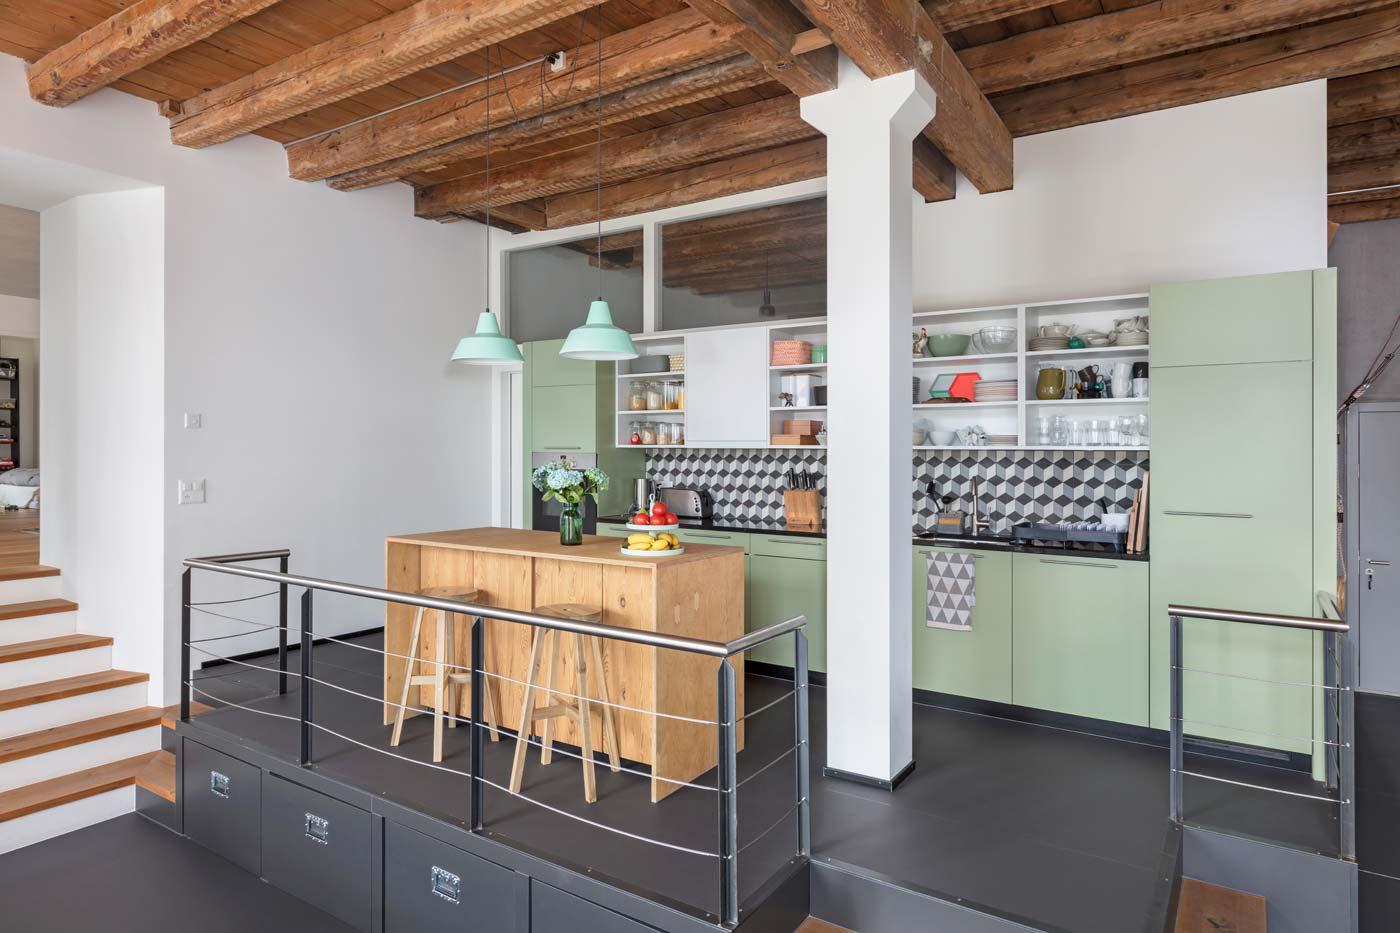 Full Size of Küche Selber Planen Inselküche Müllsystem Einbauküche Günstig Gardinen Für Die Miniküche Mit Kühlschrank Wanddeko Kaufen Abfallbehälter Gewinnen Wohnzimmer Küche Mint